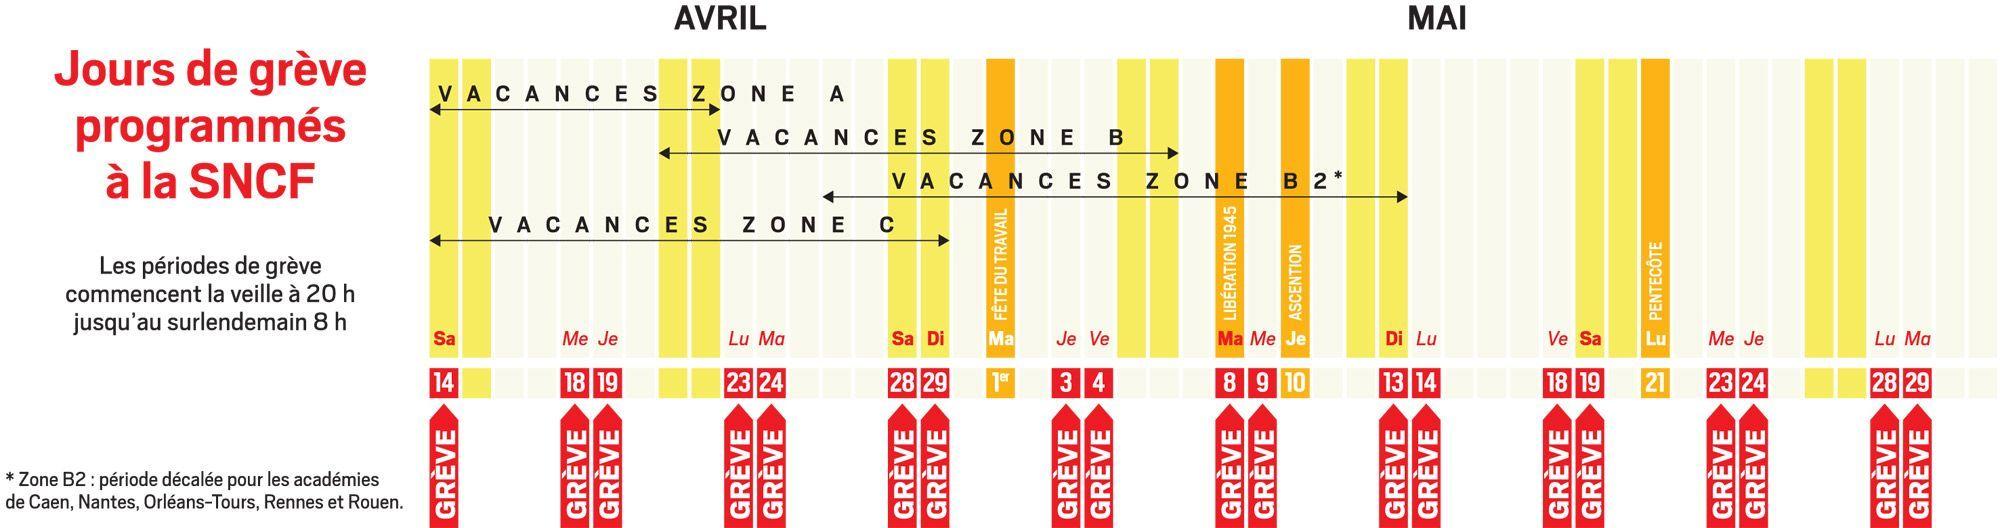 Calendrier Jour De Greve Sncf.Greve Sncf Chasse Croise Complique Pour Les Vacances De Paques